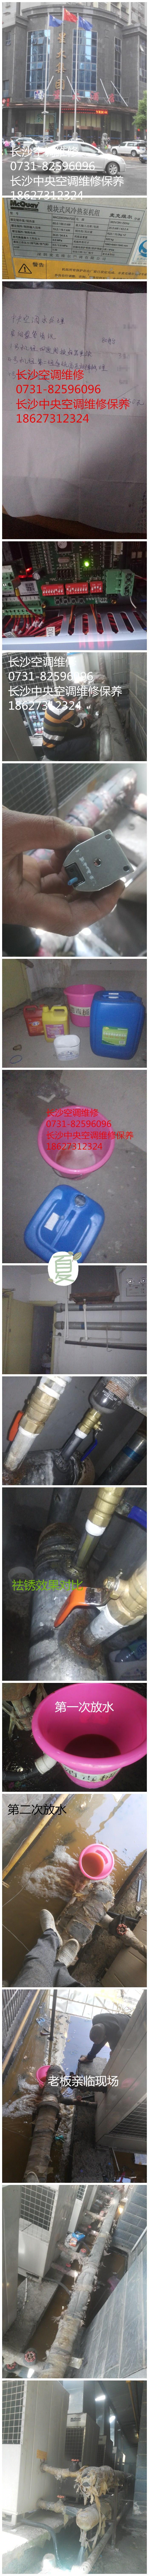 长沙中央空调维修 保养 水处理